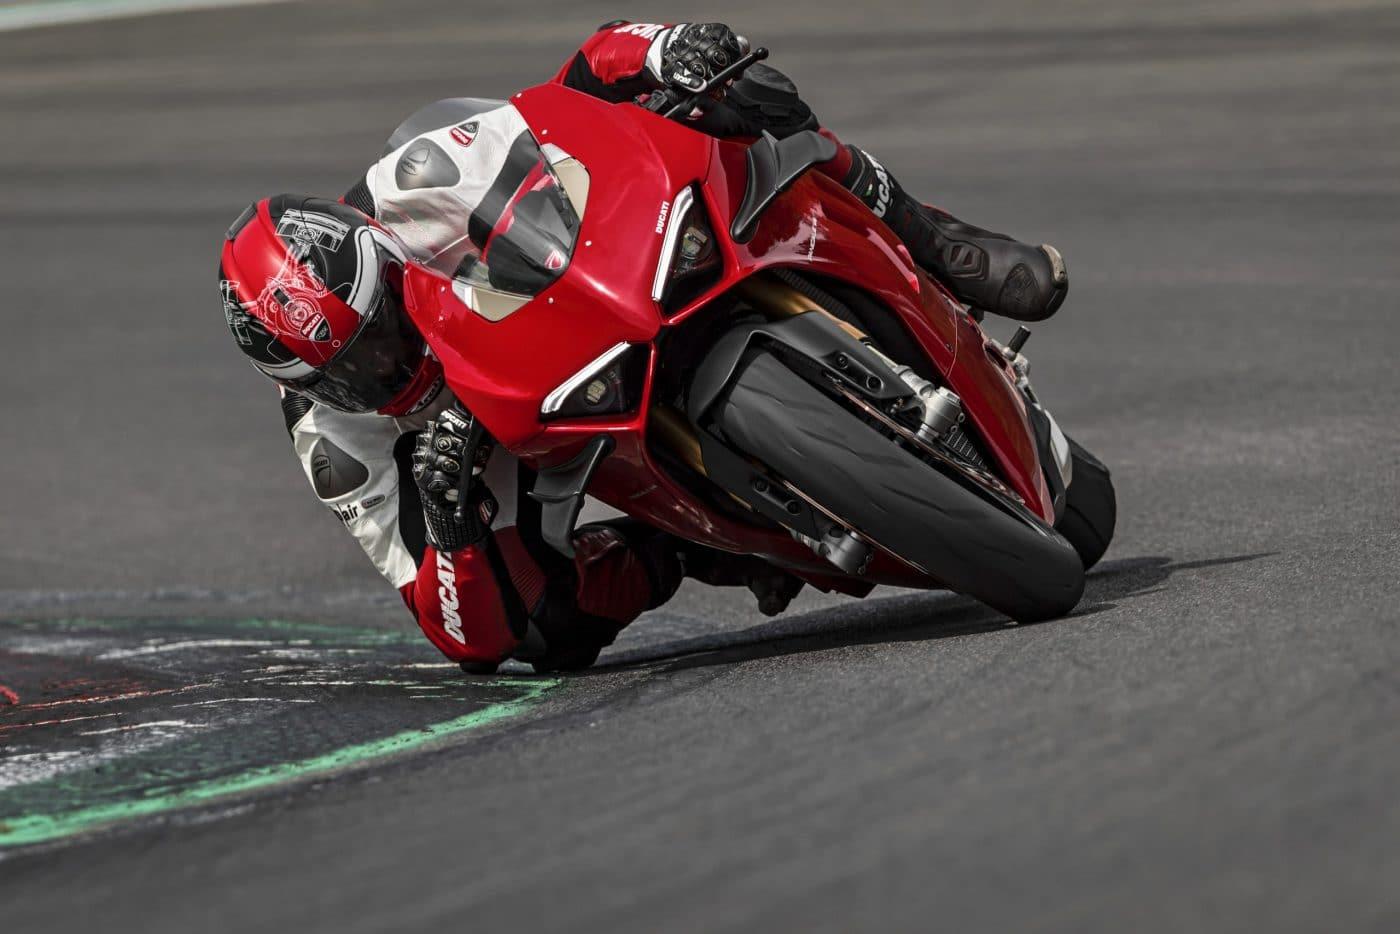 De nieuwe Panigale V4 beschikbaar bij Ducati dealers